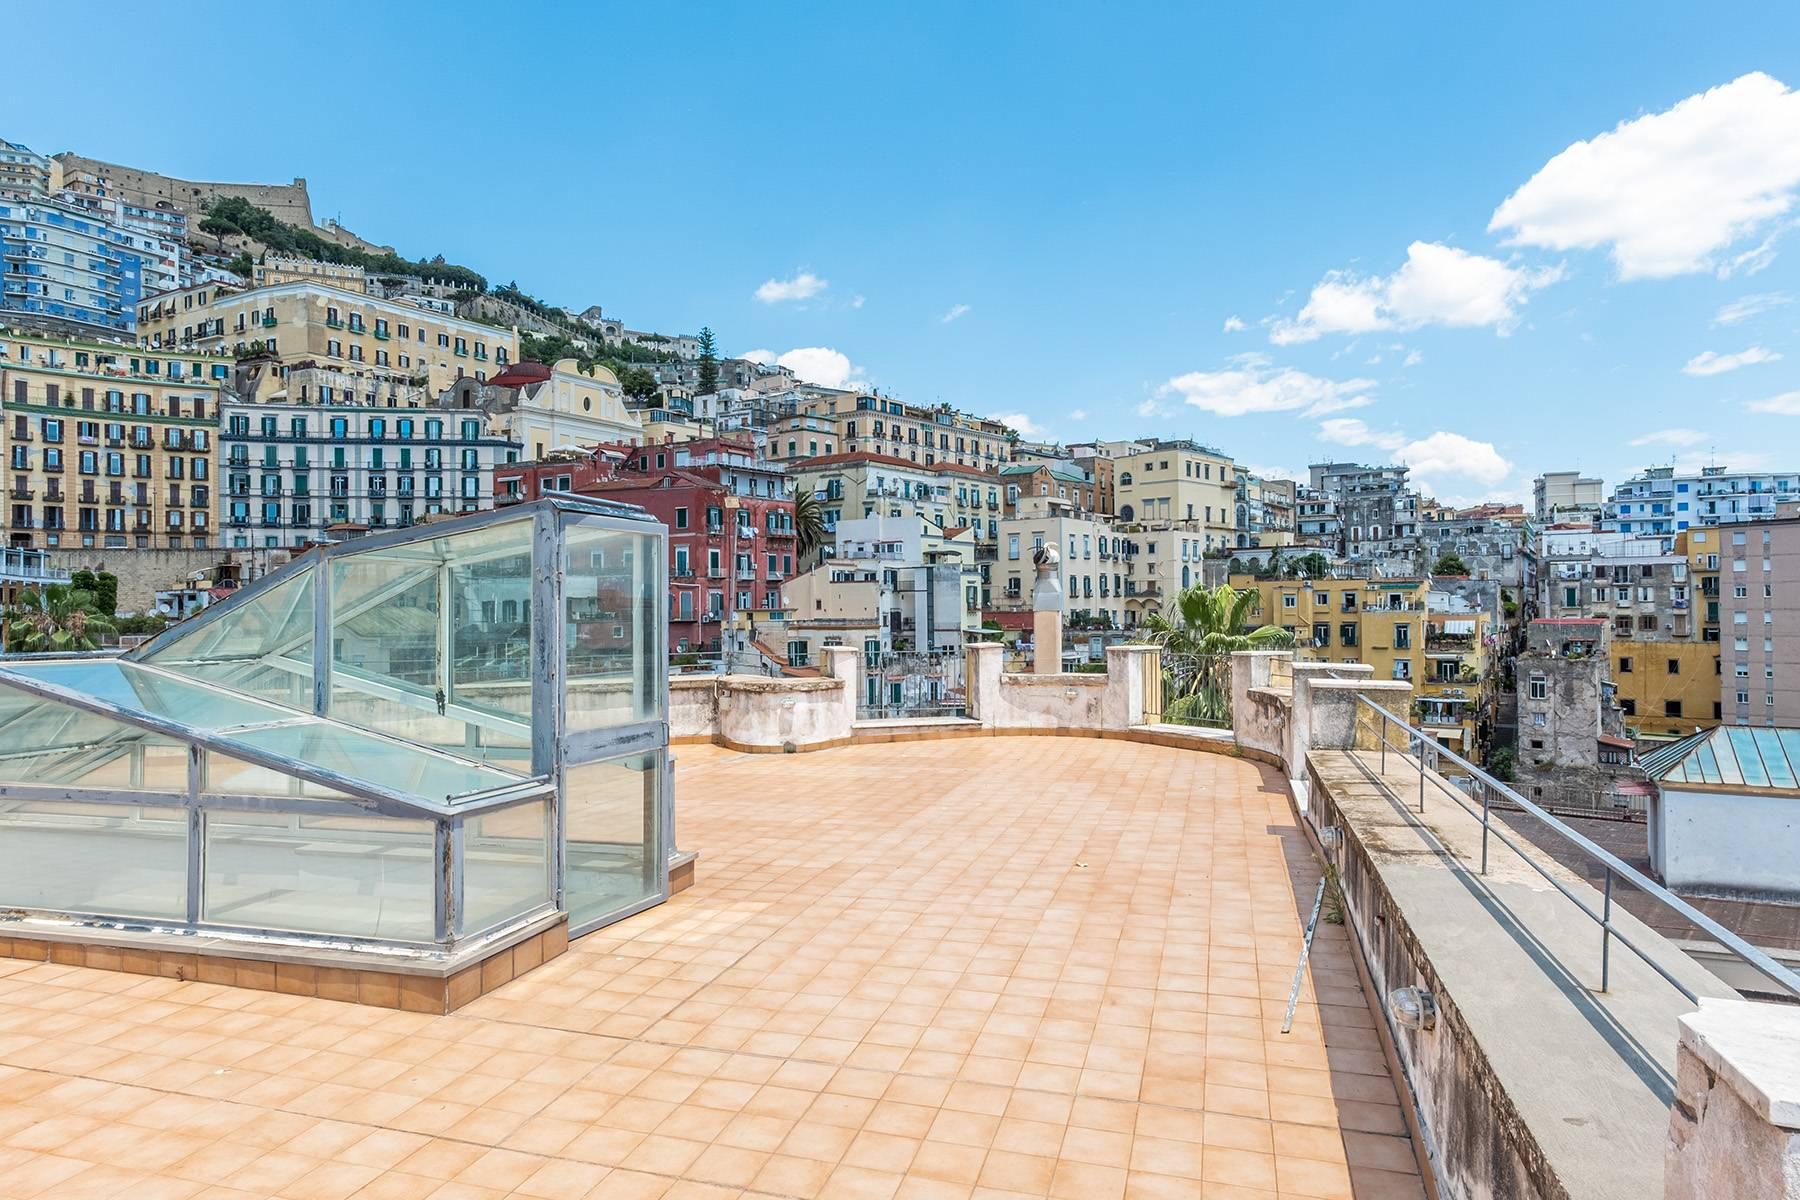 Attico in Vendita a Napoli: 5 locali, 160 mq - Foto 23